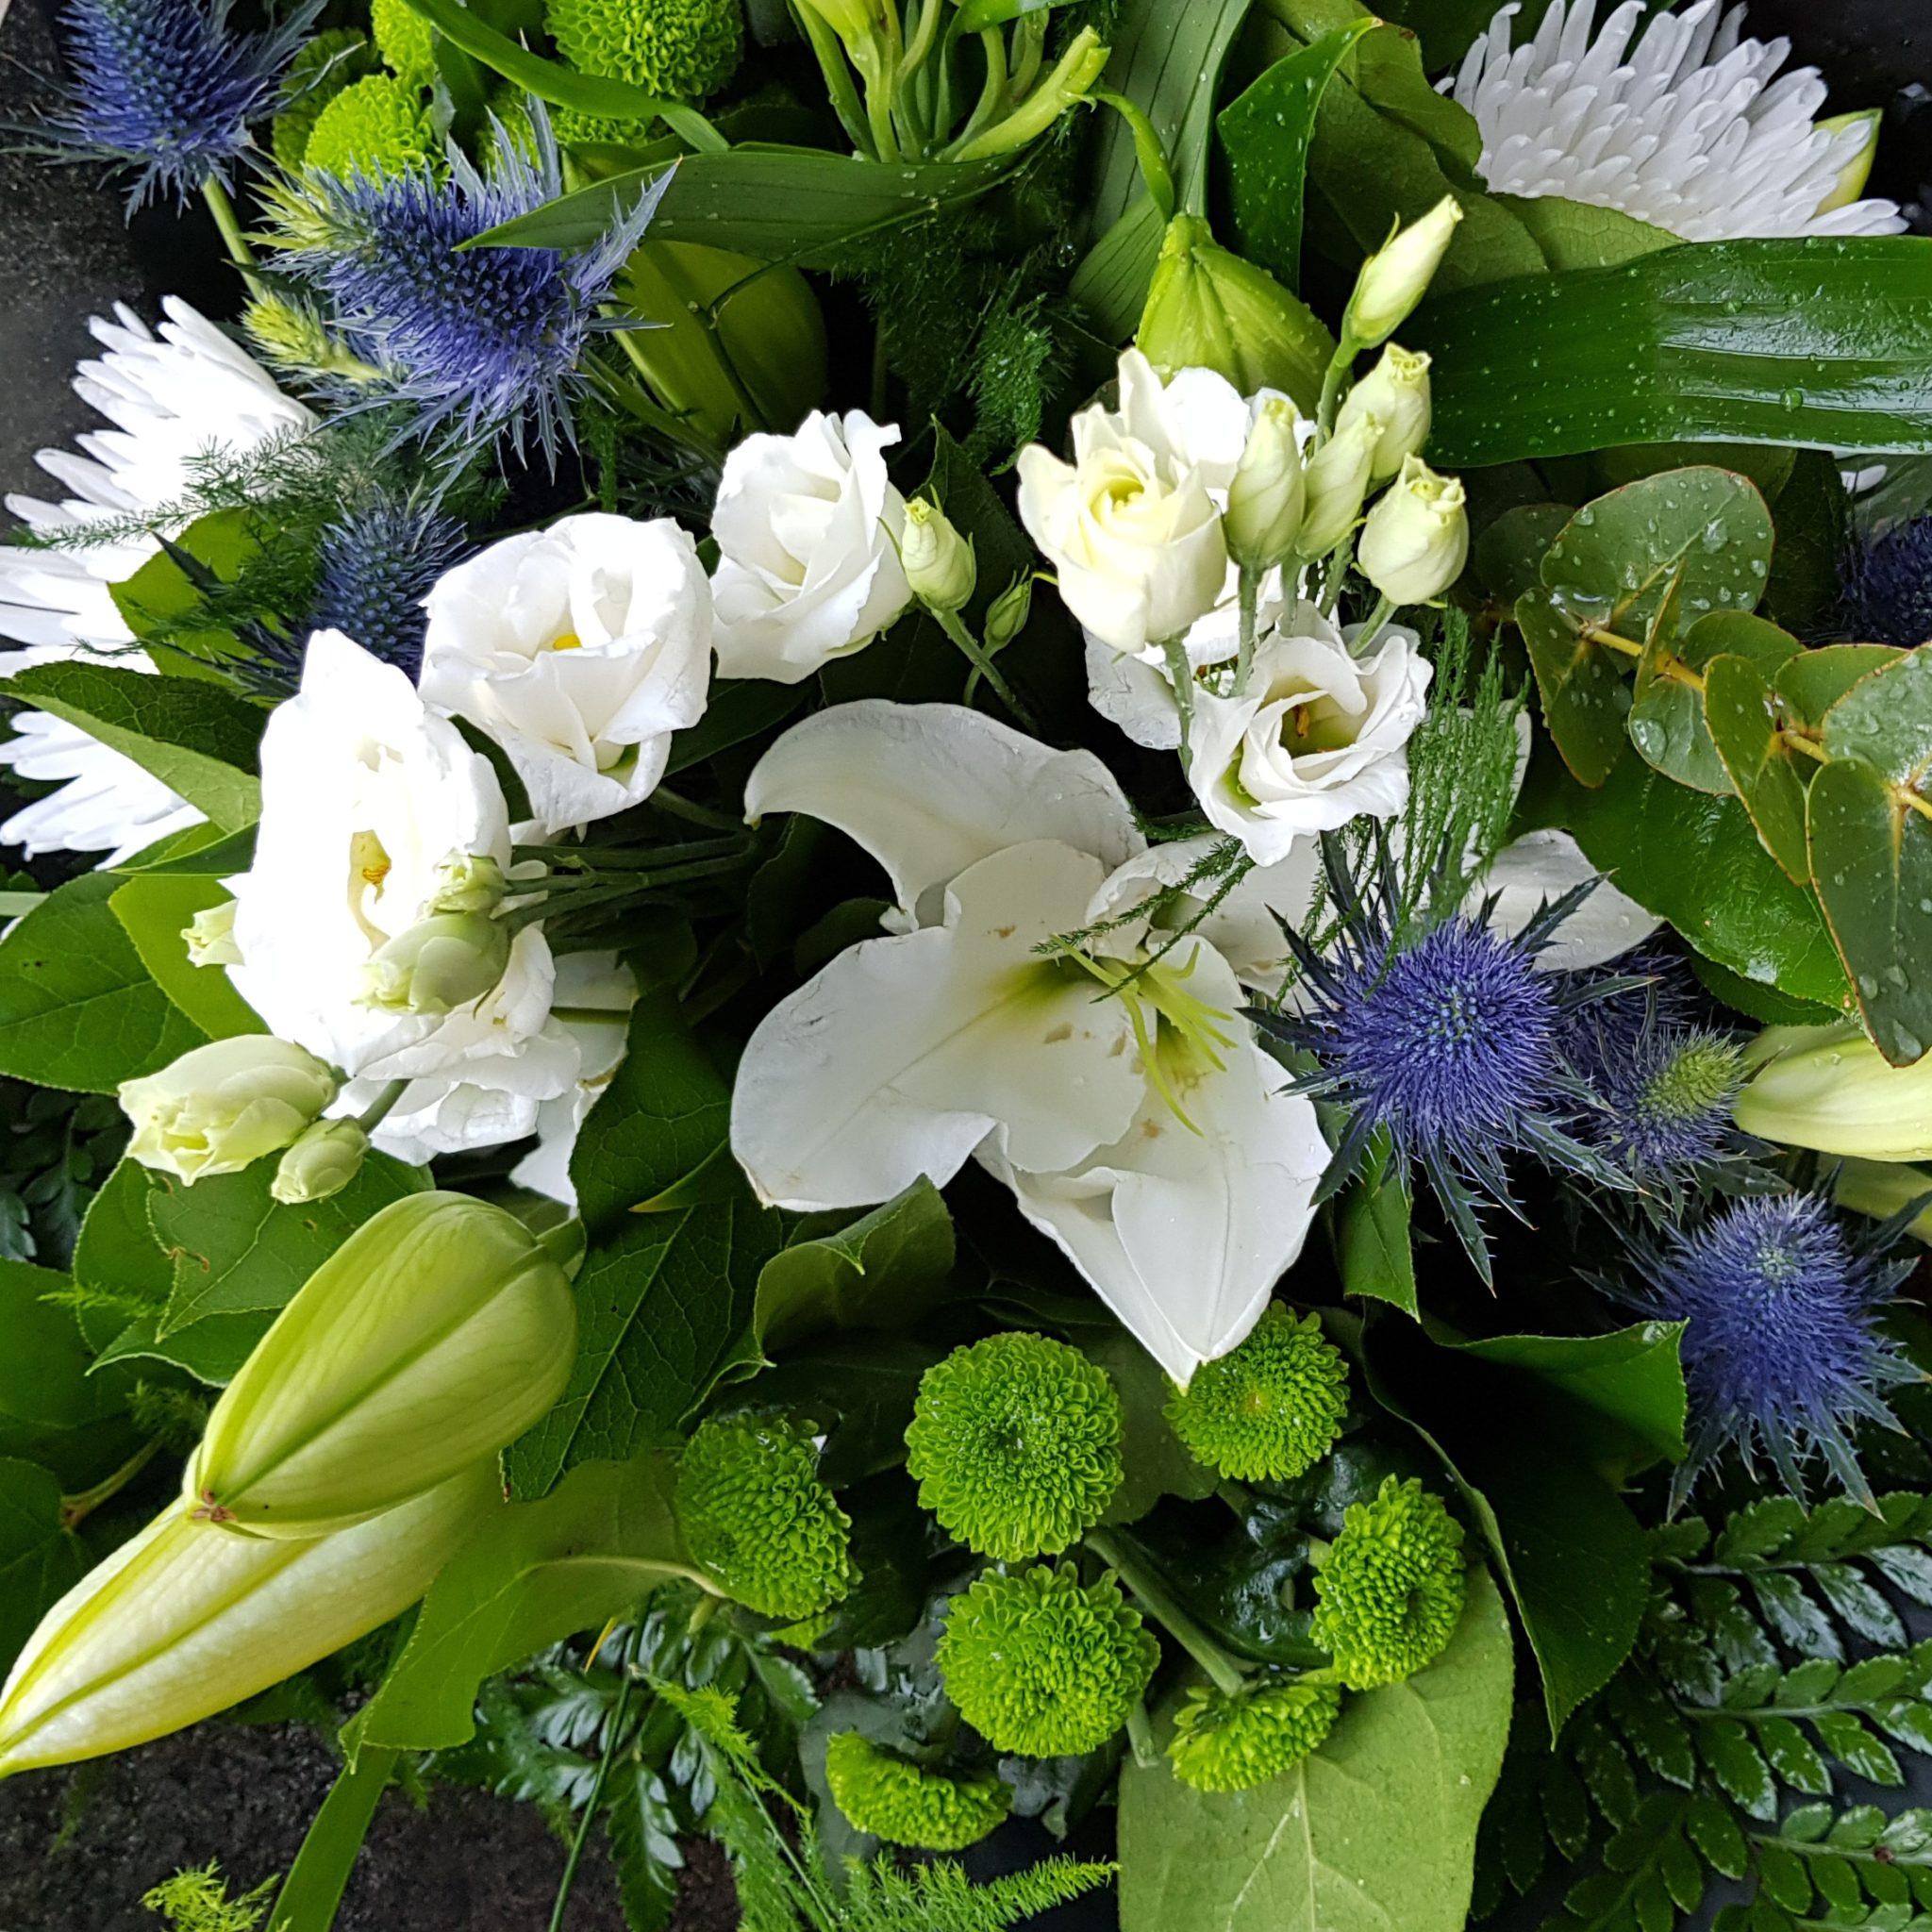 Castleknock Flowers Free Dublin 15 Flower Delivery Dublin 15 Florist